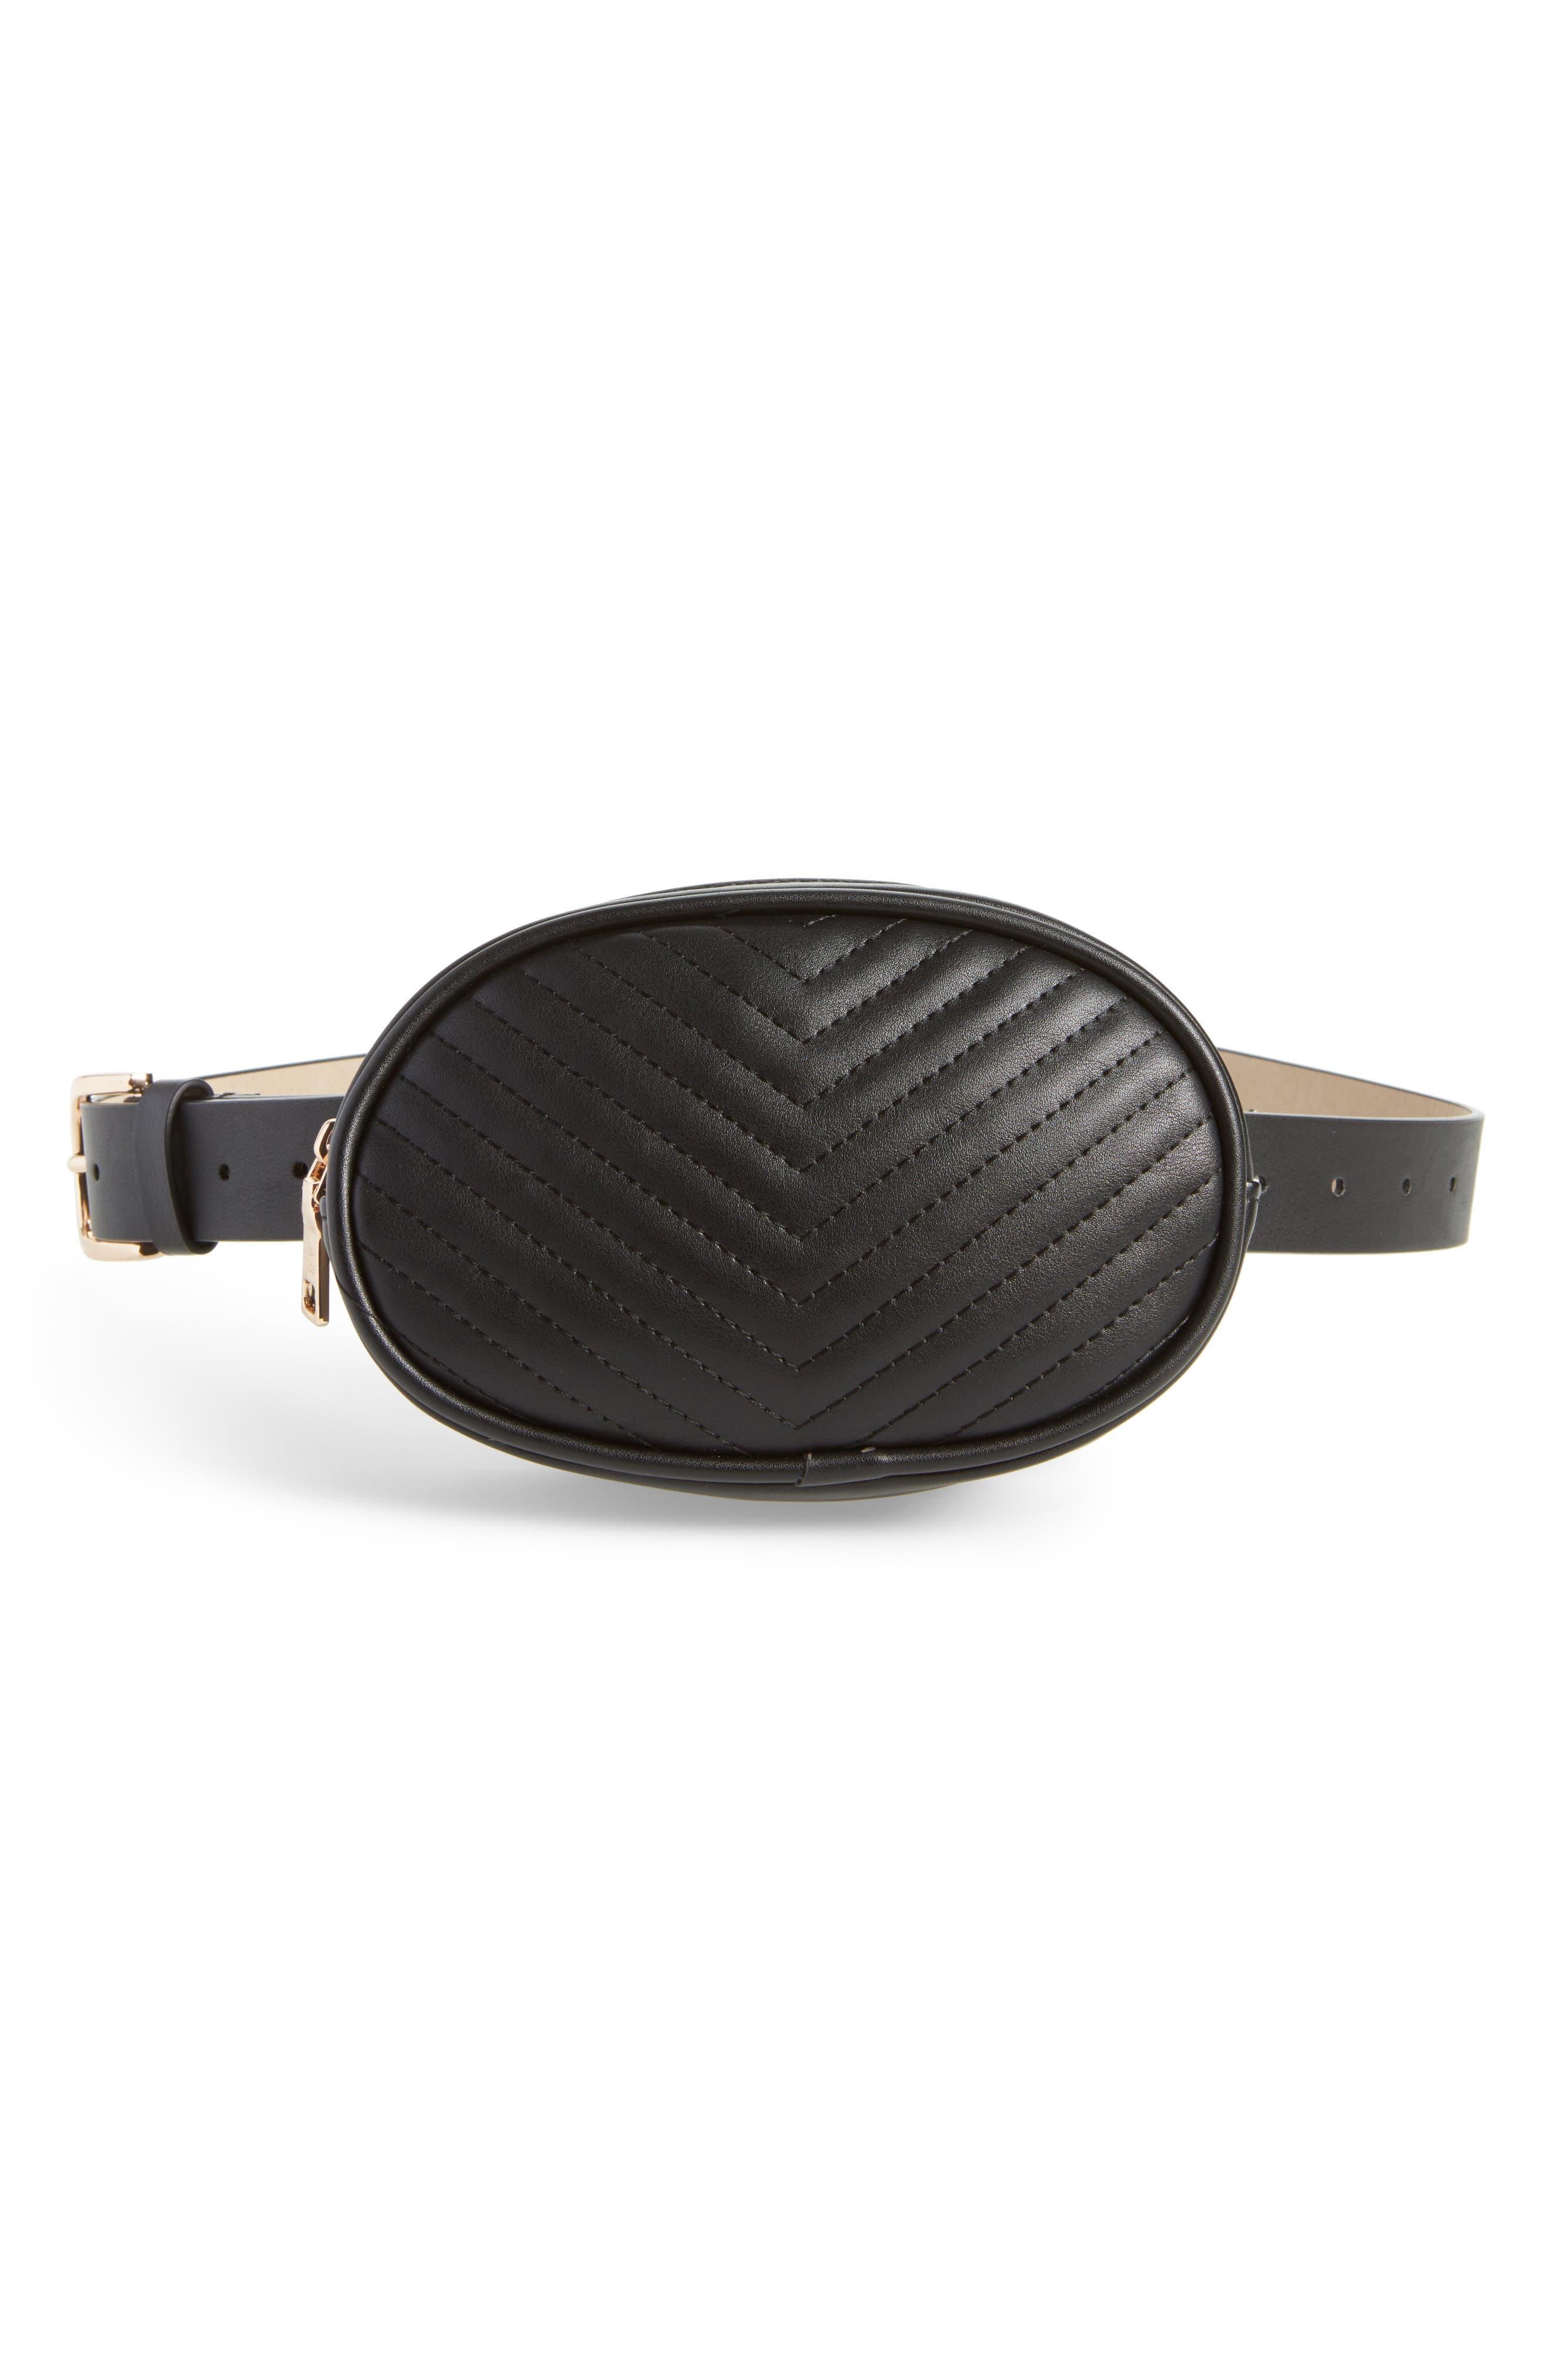 Main Image - Steve Madden Quilted Belt Bag